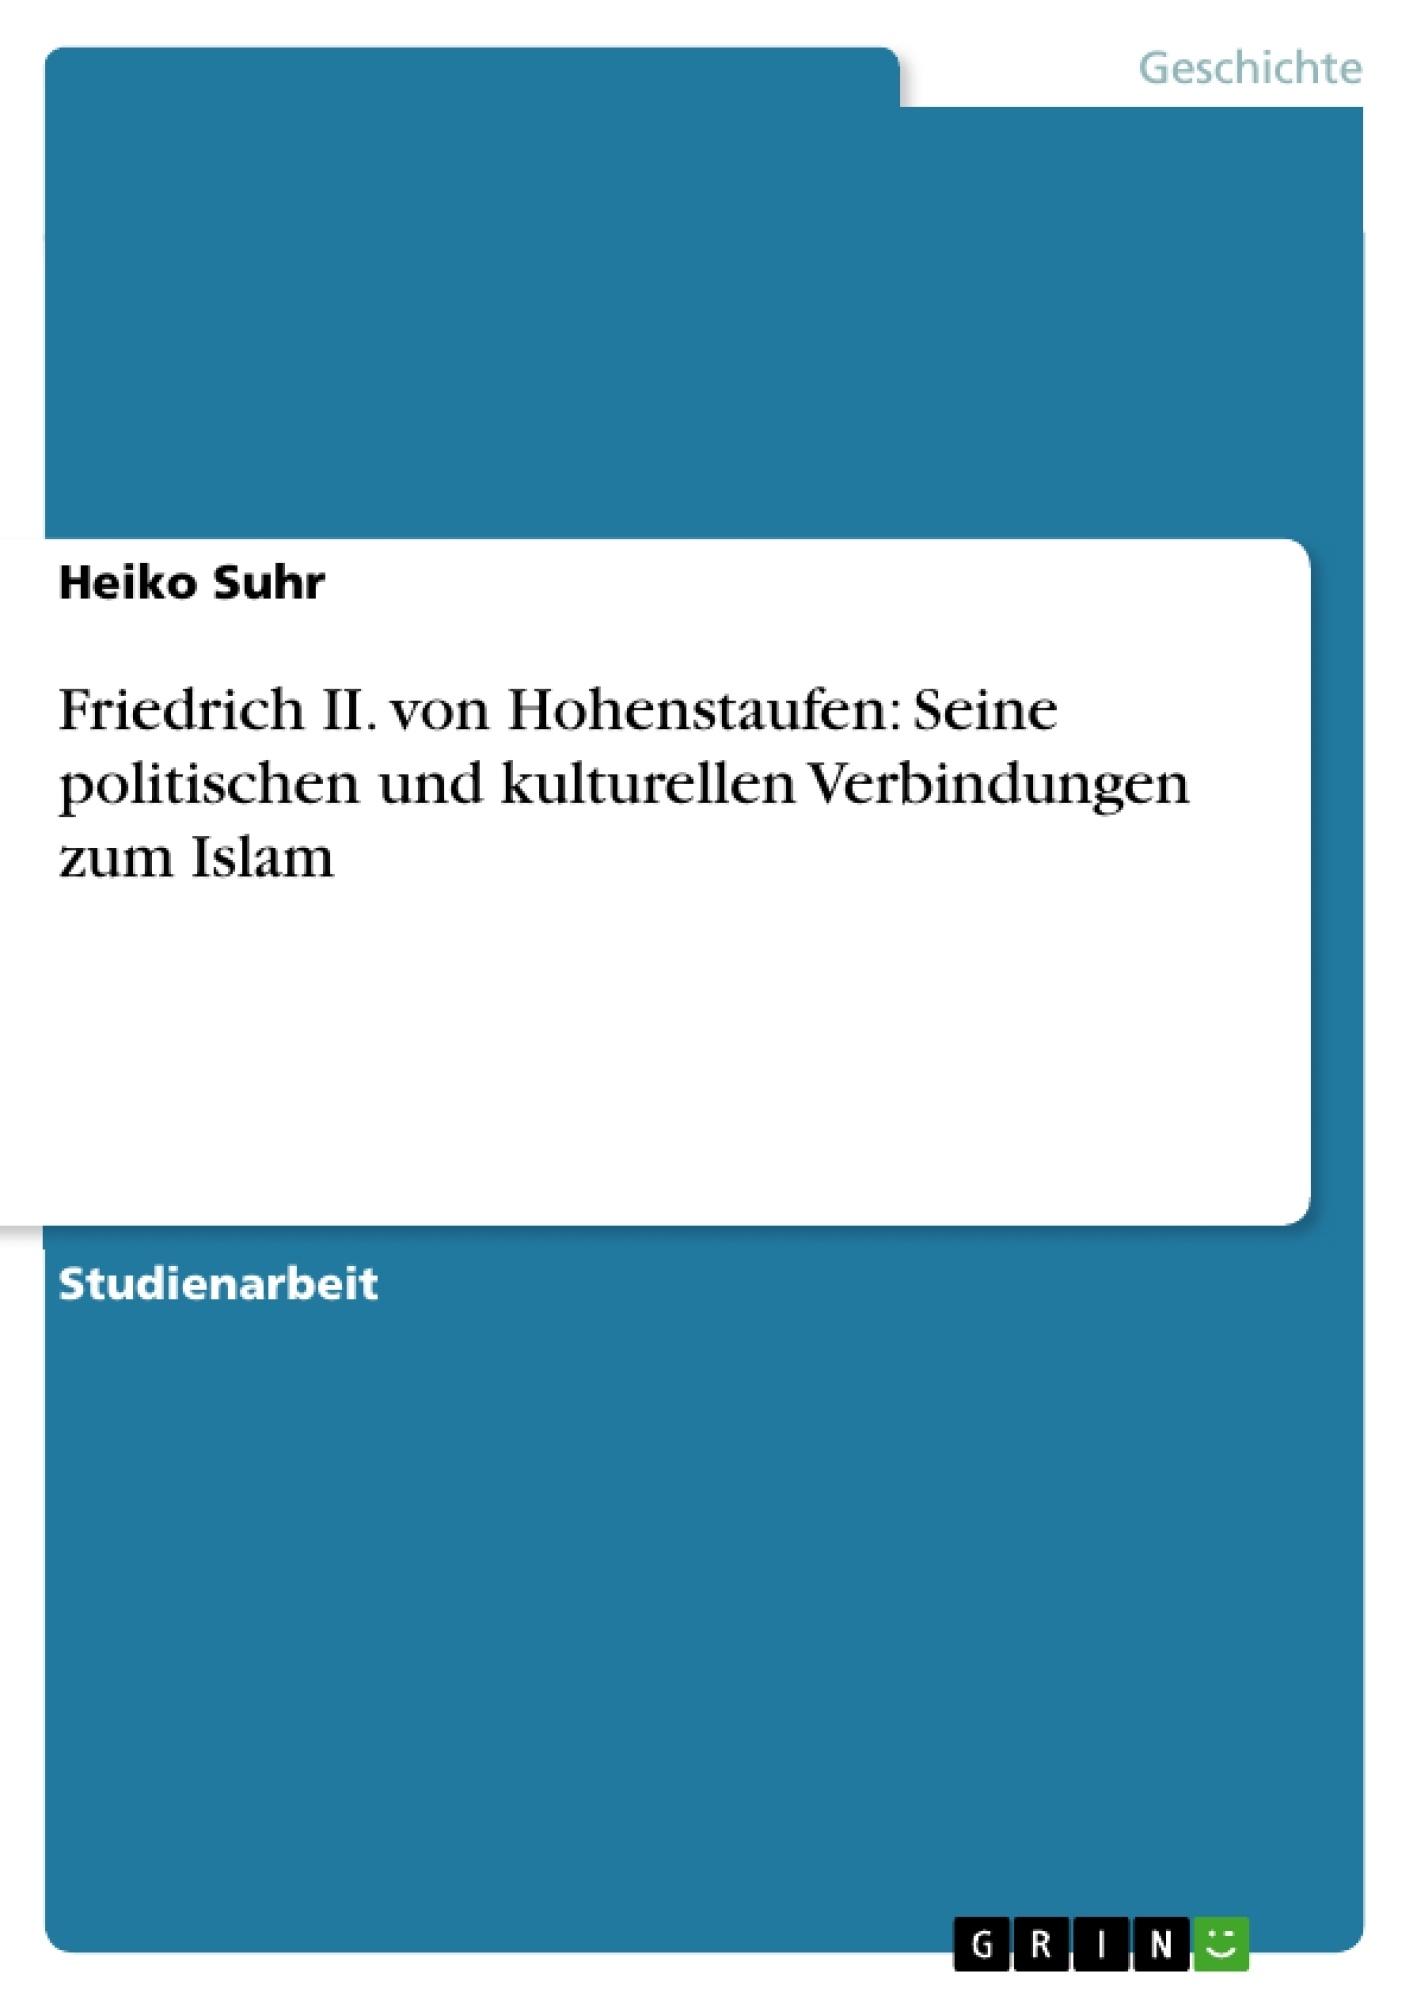 Titel: Friedrich II. von Hohenstaufen: Seine politischen und kulturellen Verbindungen zum Islam